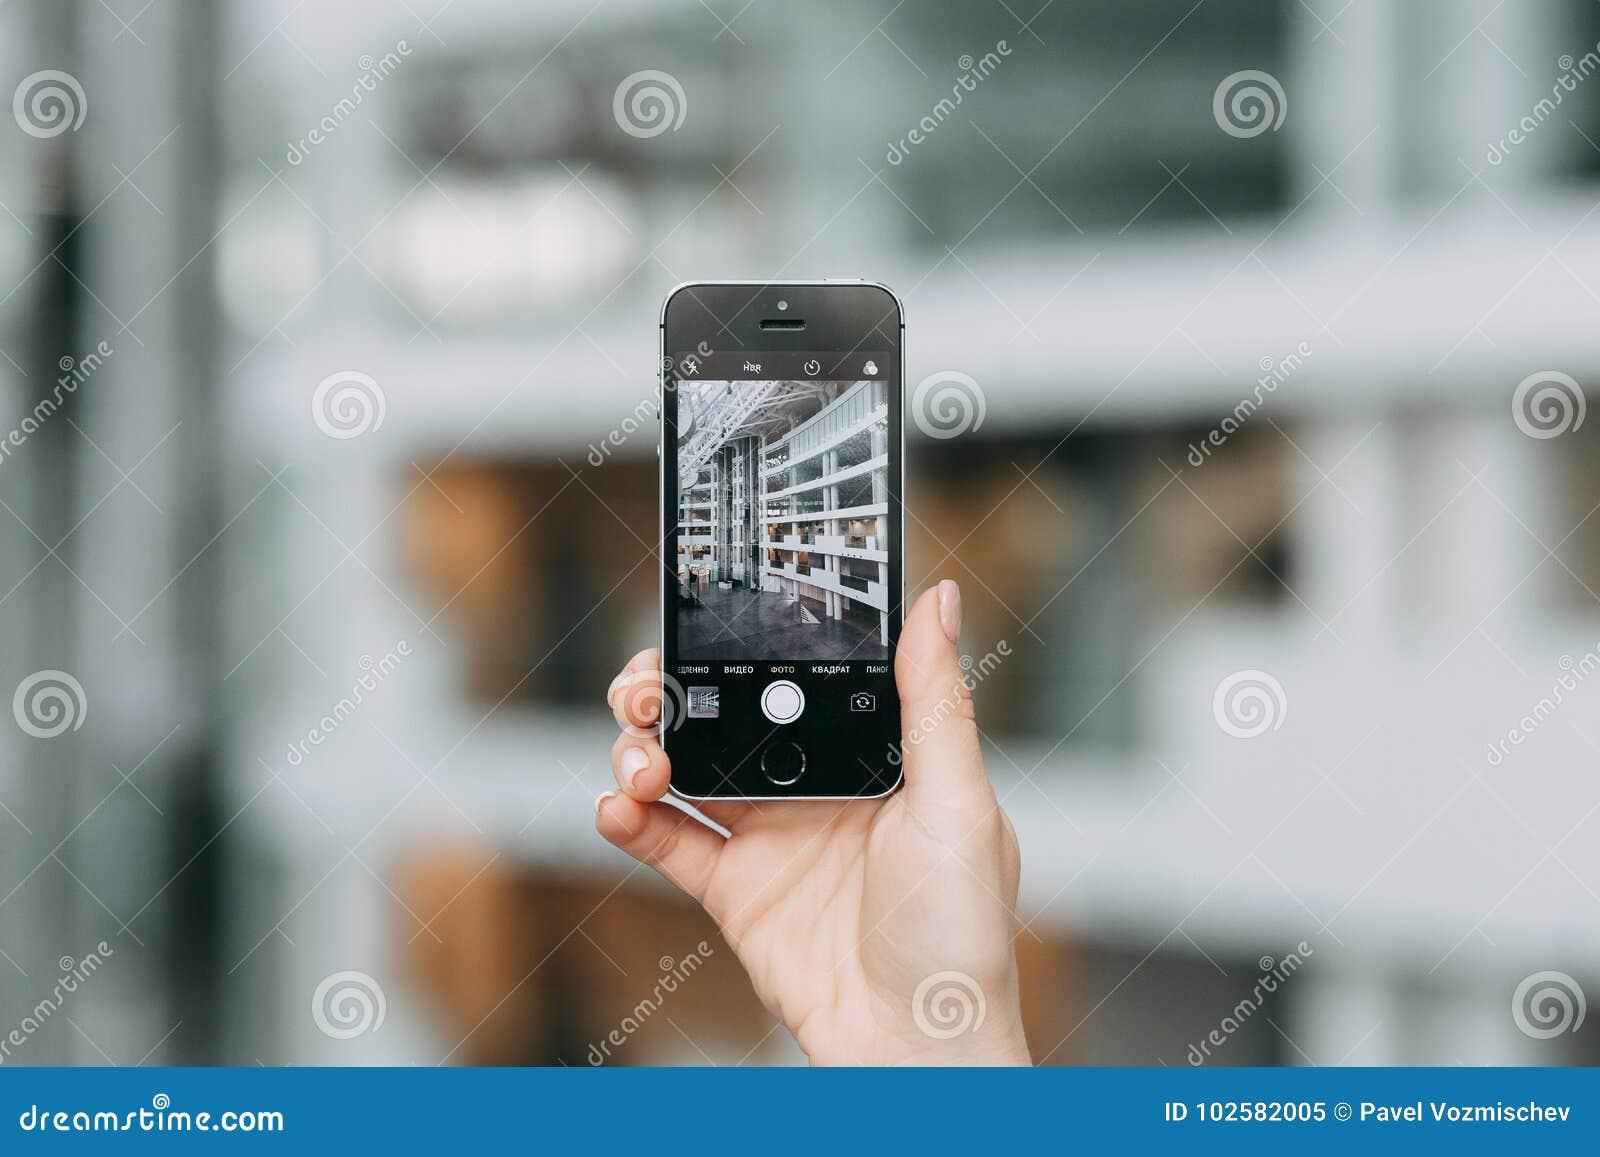 Китайские сотовые телефоны каталог с ценами фото базовое отличие